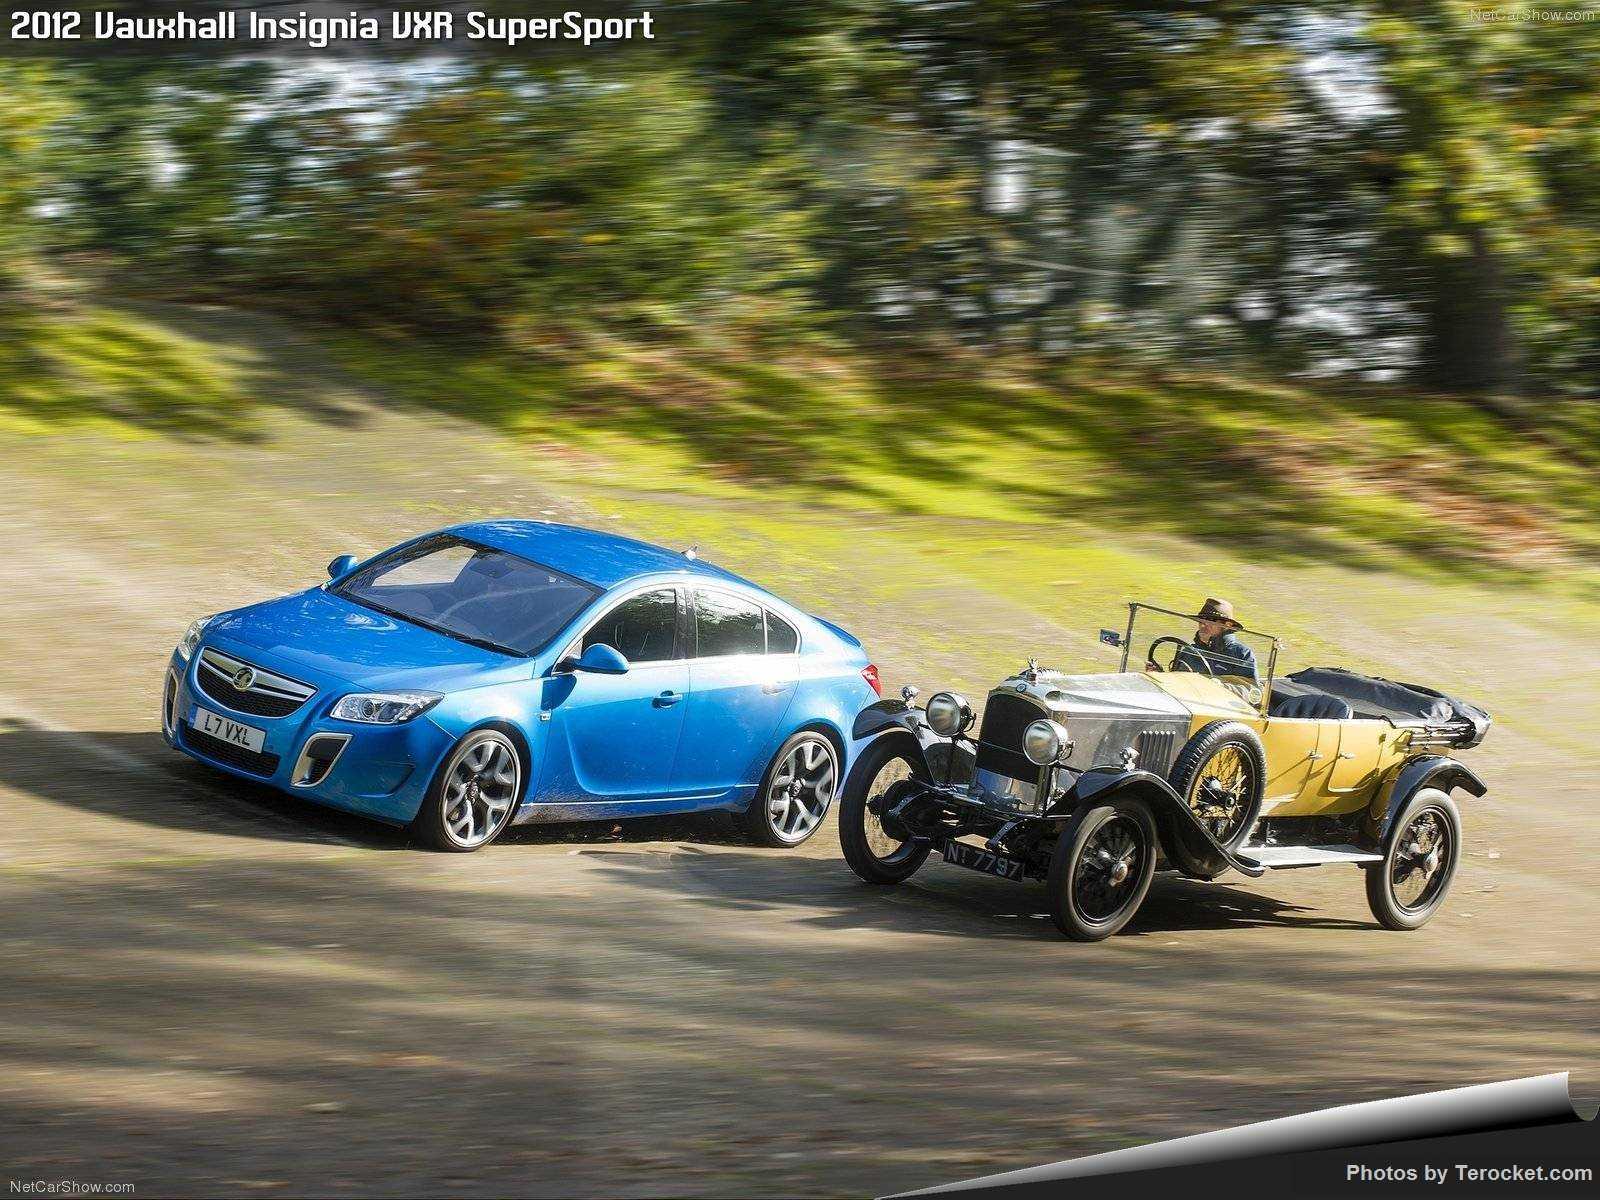 Hình ảnh xe ô tô Vauxhall Insignia VXR SuperSport 2012 & nội ngoại thất